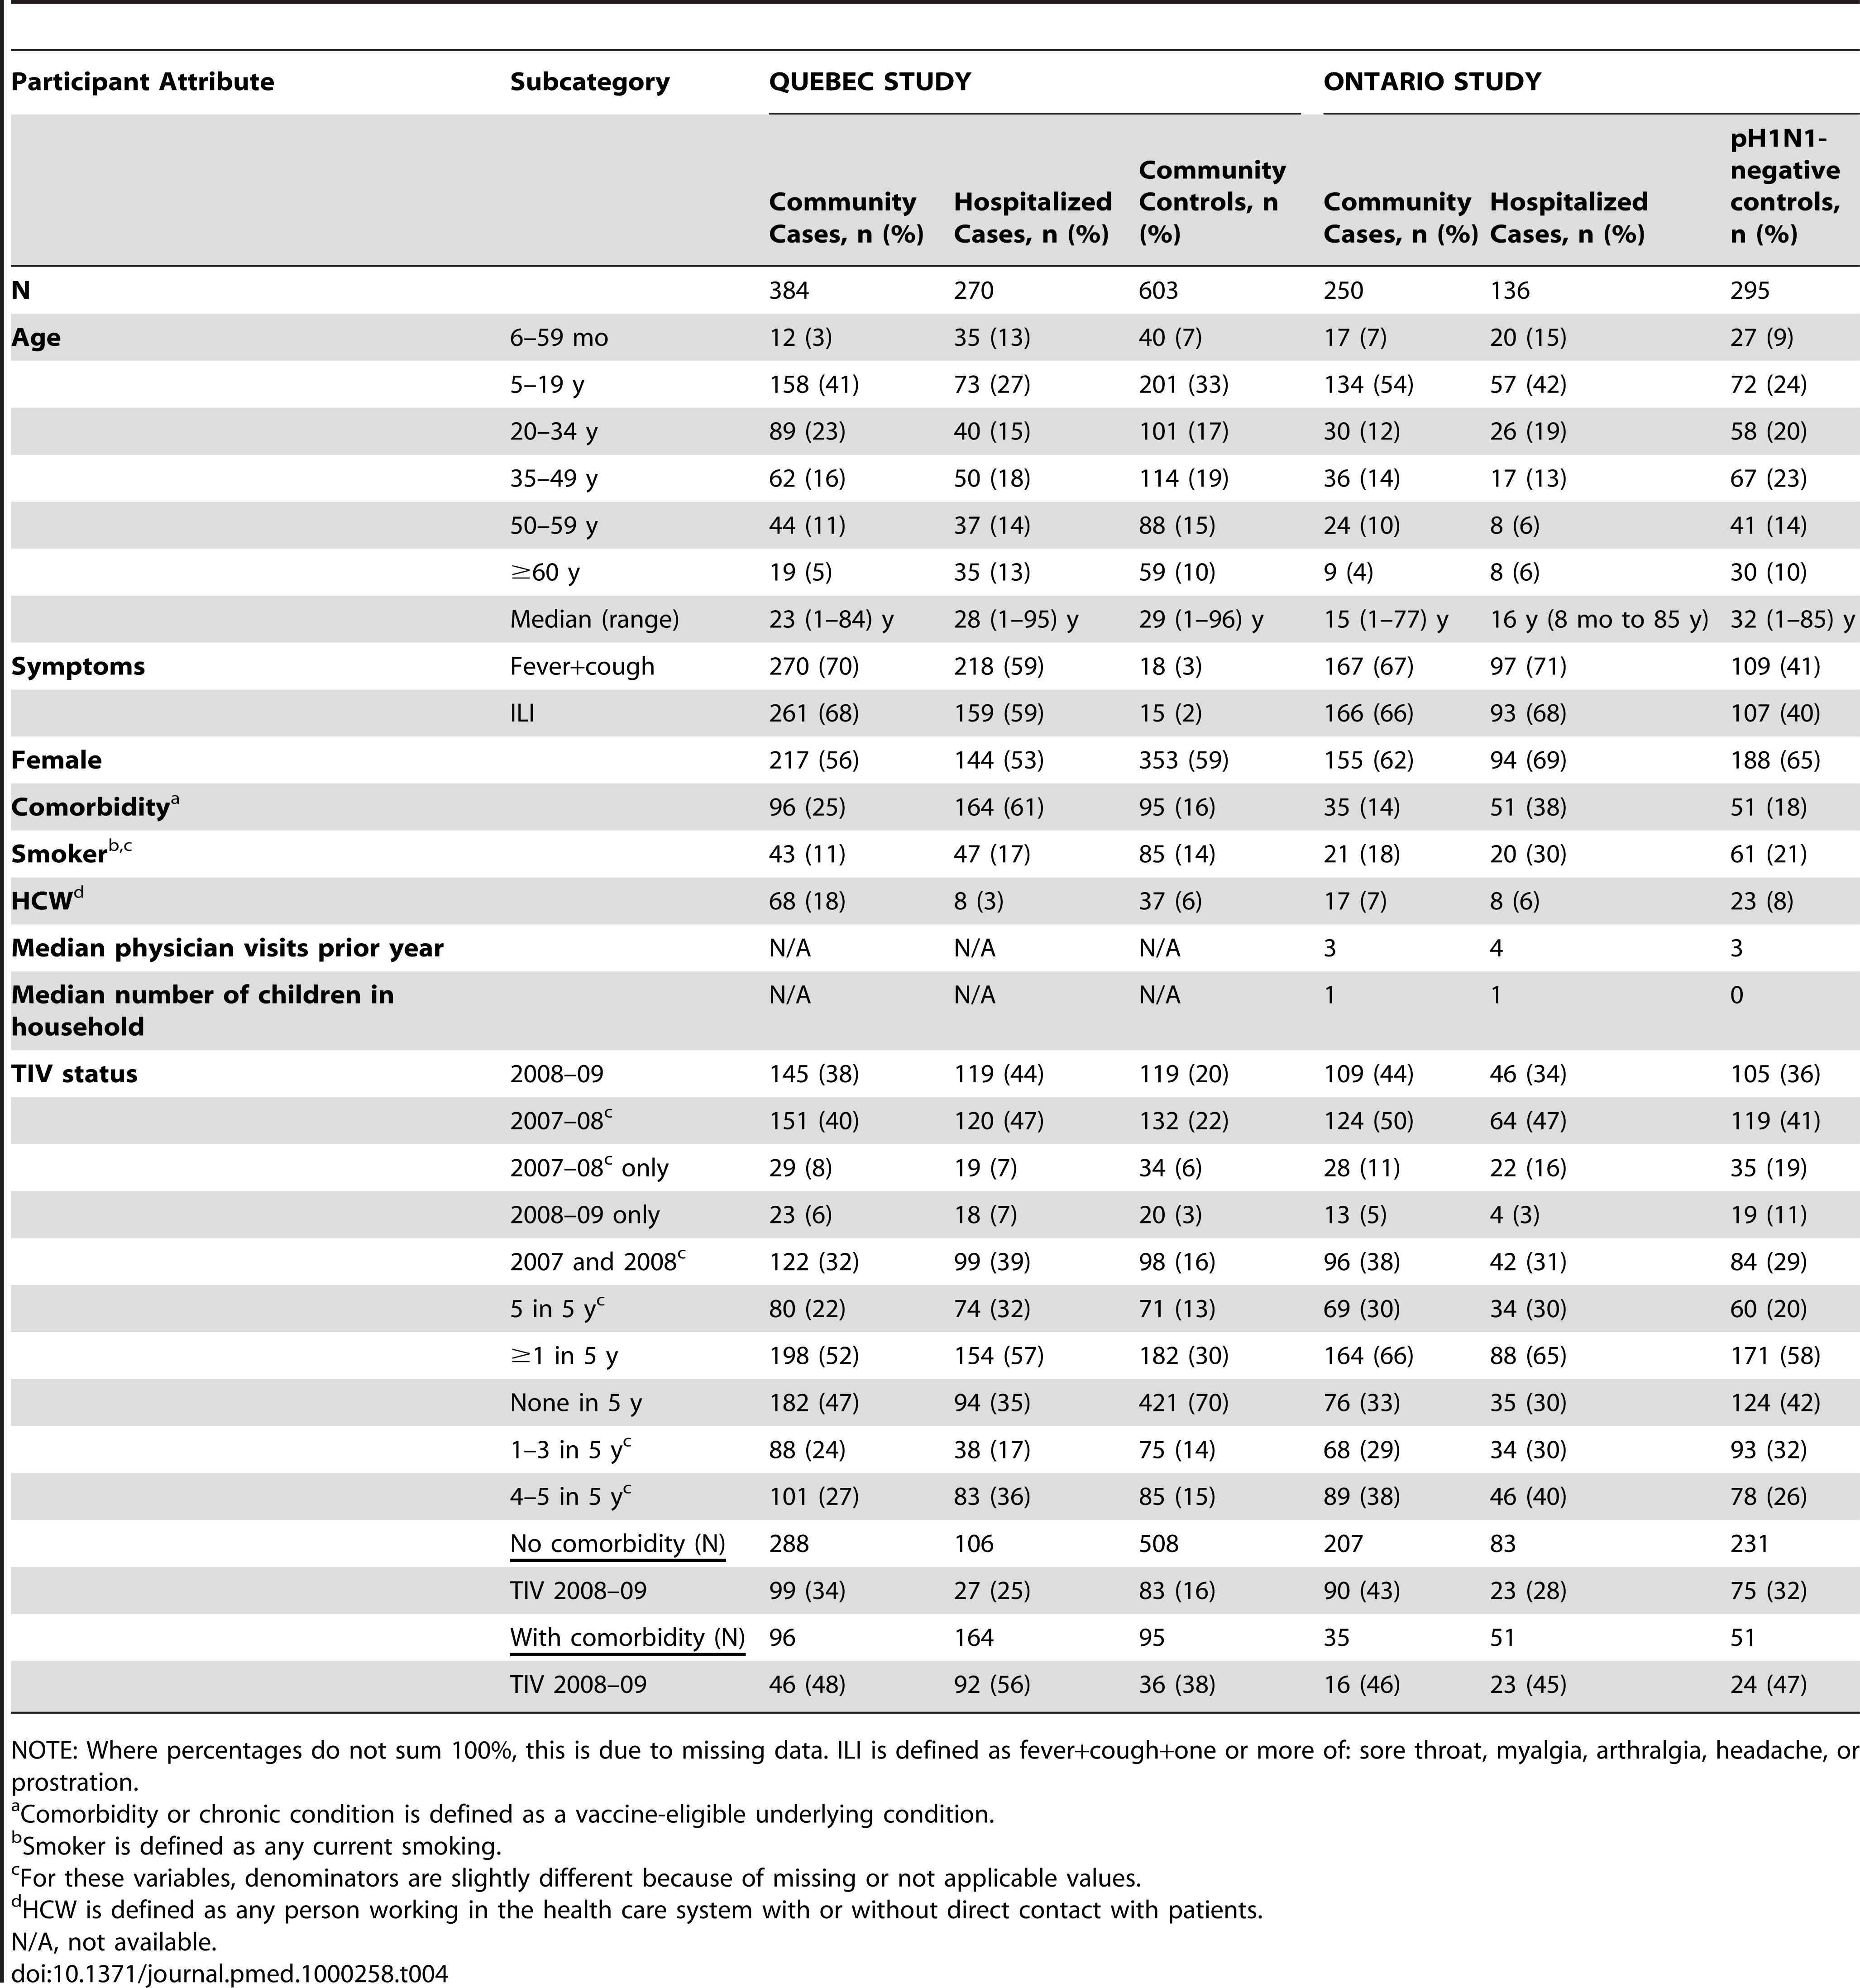 Quebec and Ontario pH1N1 case-control studies: Participant profiles.